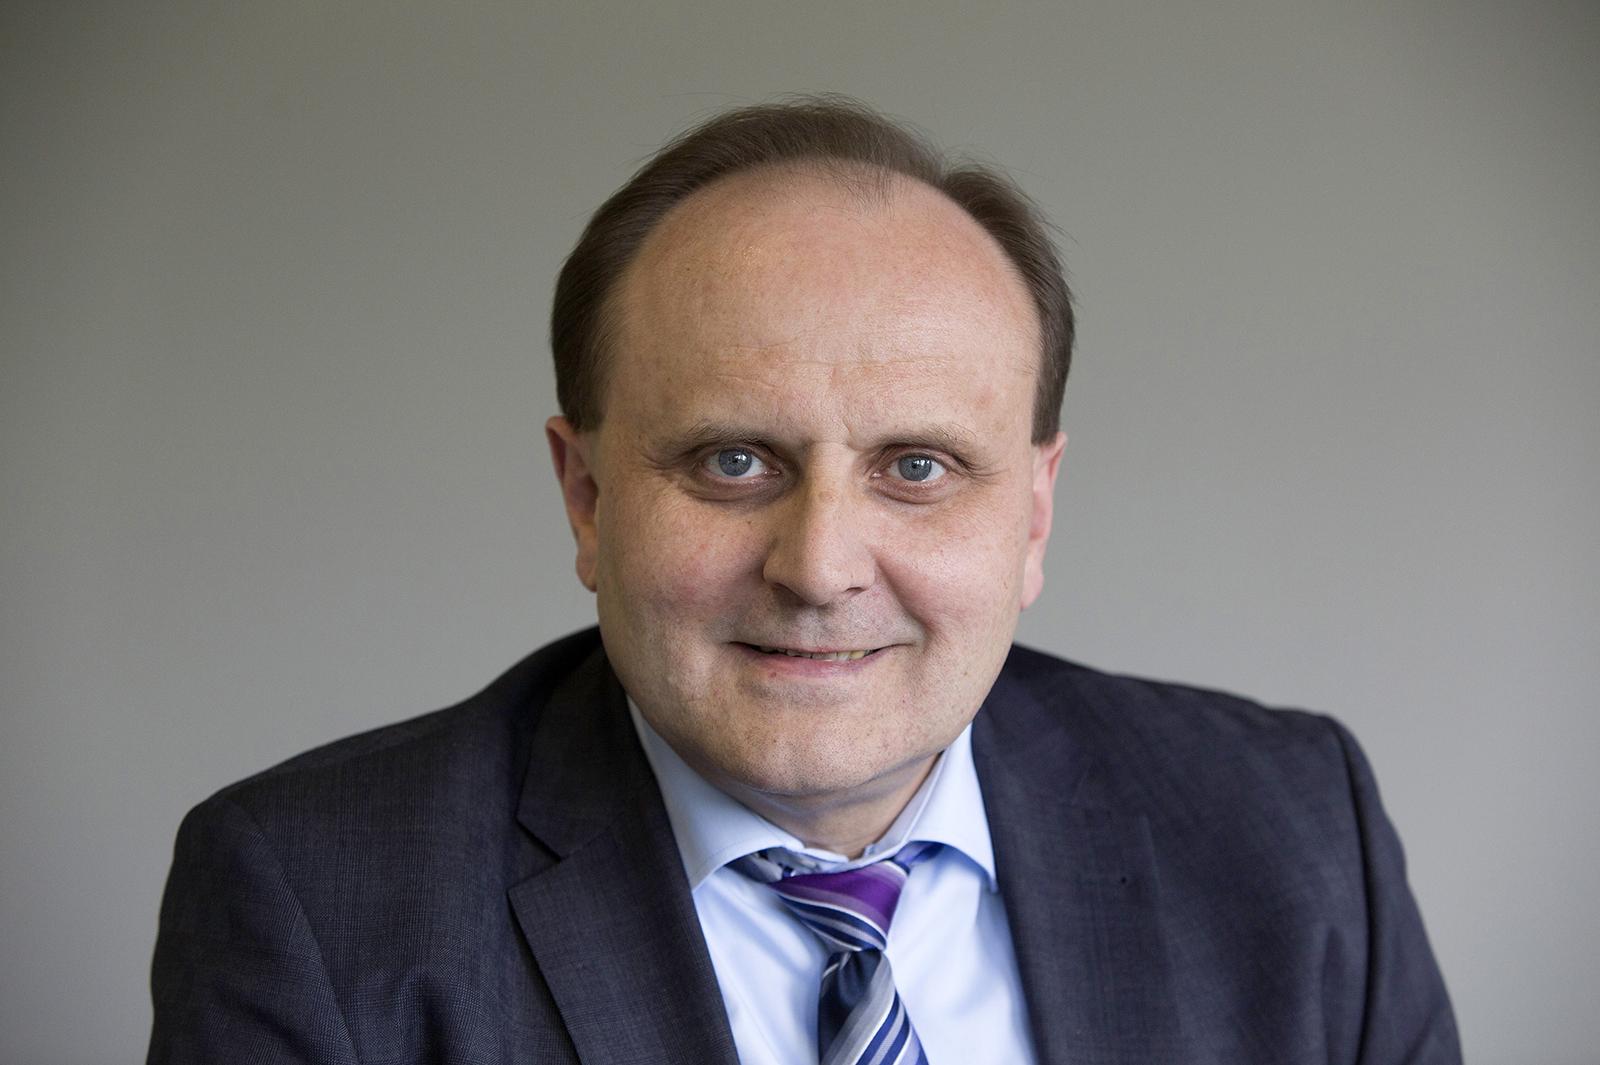 Jürgen Lachtrup